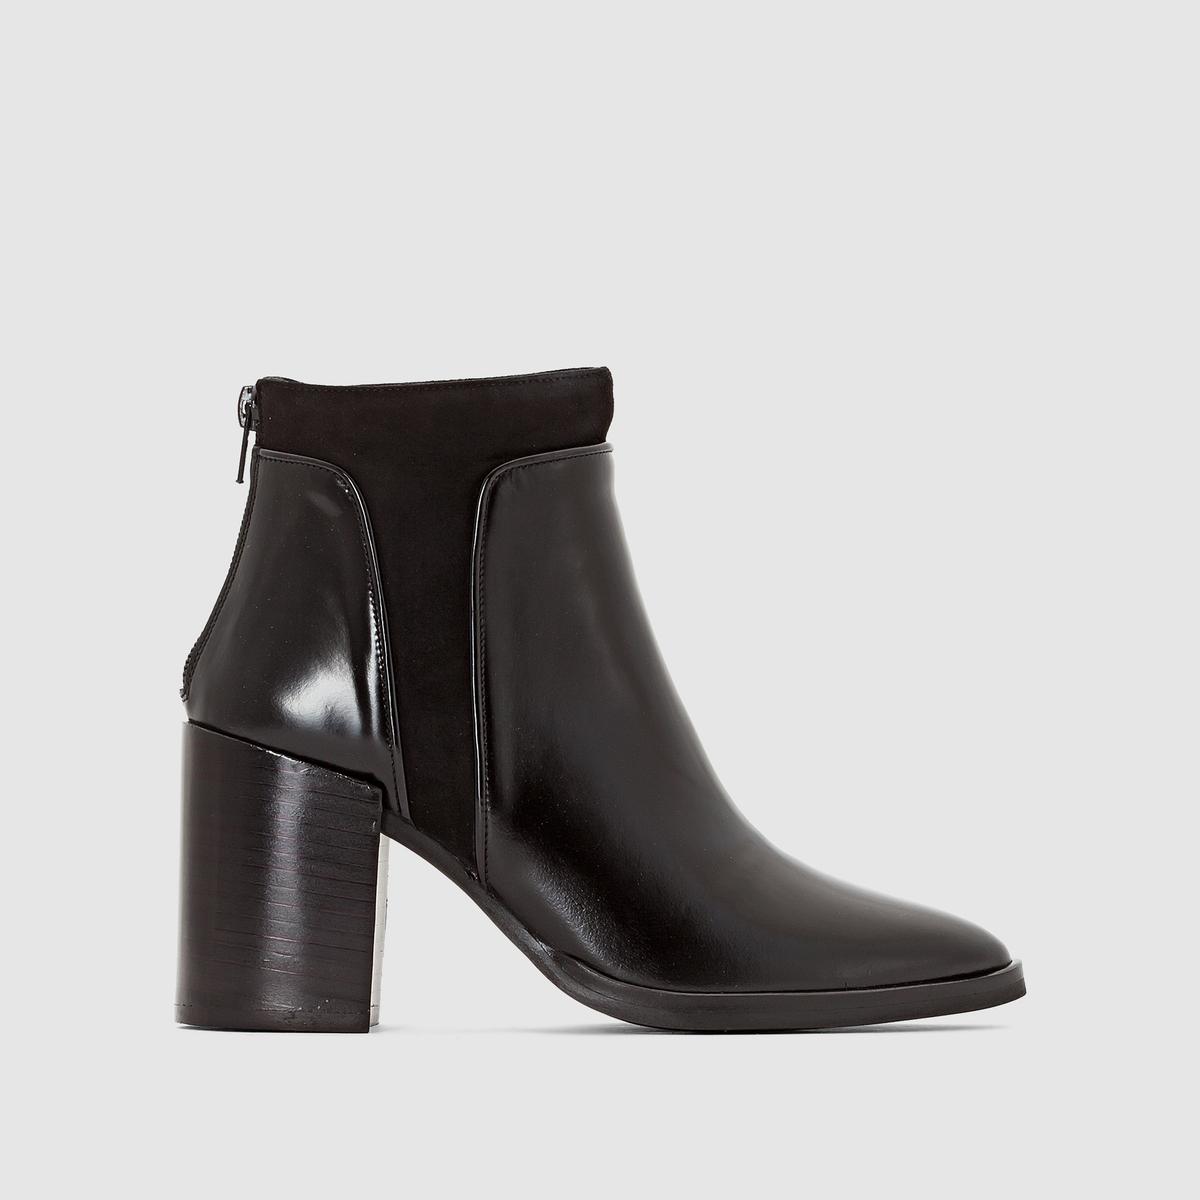 Сапоги на каблуке Varsovie, лакированная кожа + велюрПодкладка : Кожа.   Подошва : Эластомер   Высота голенища: 17 см.   Высота каблука : 8 см   Форма каблука : широкий   Мысок : Закругленный   Застежка : без застежки<br><br>Цвет: черный